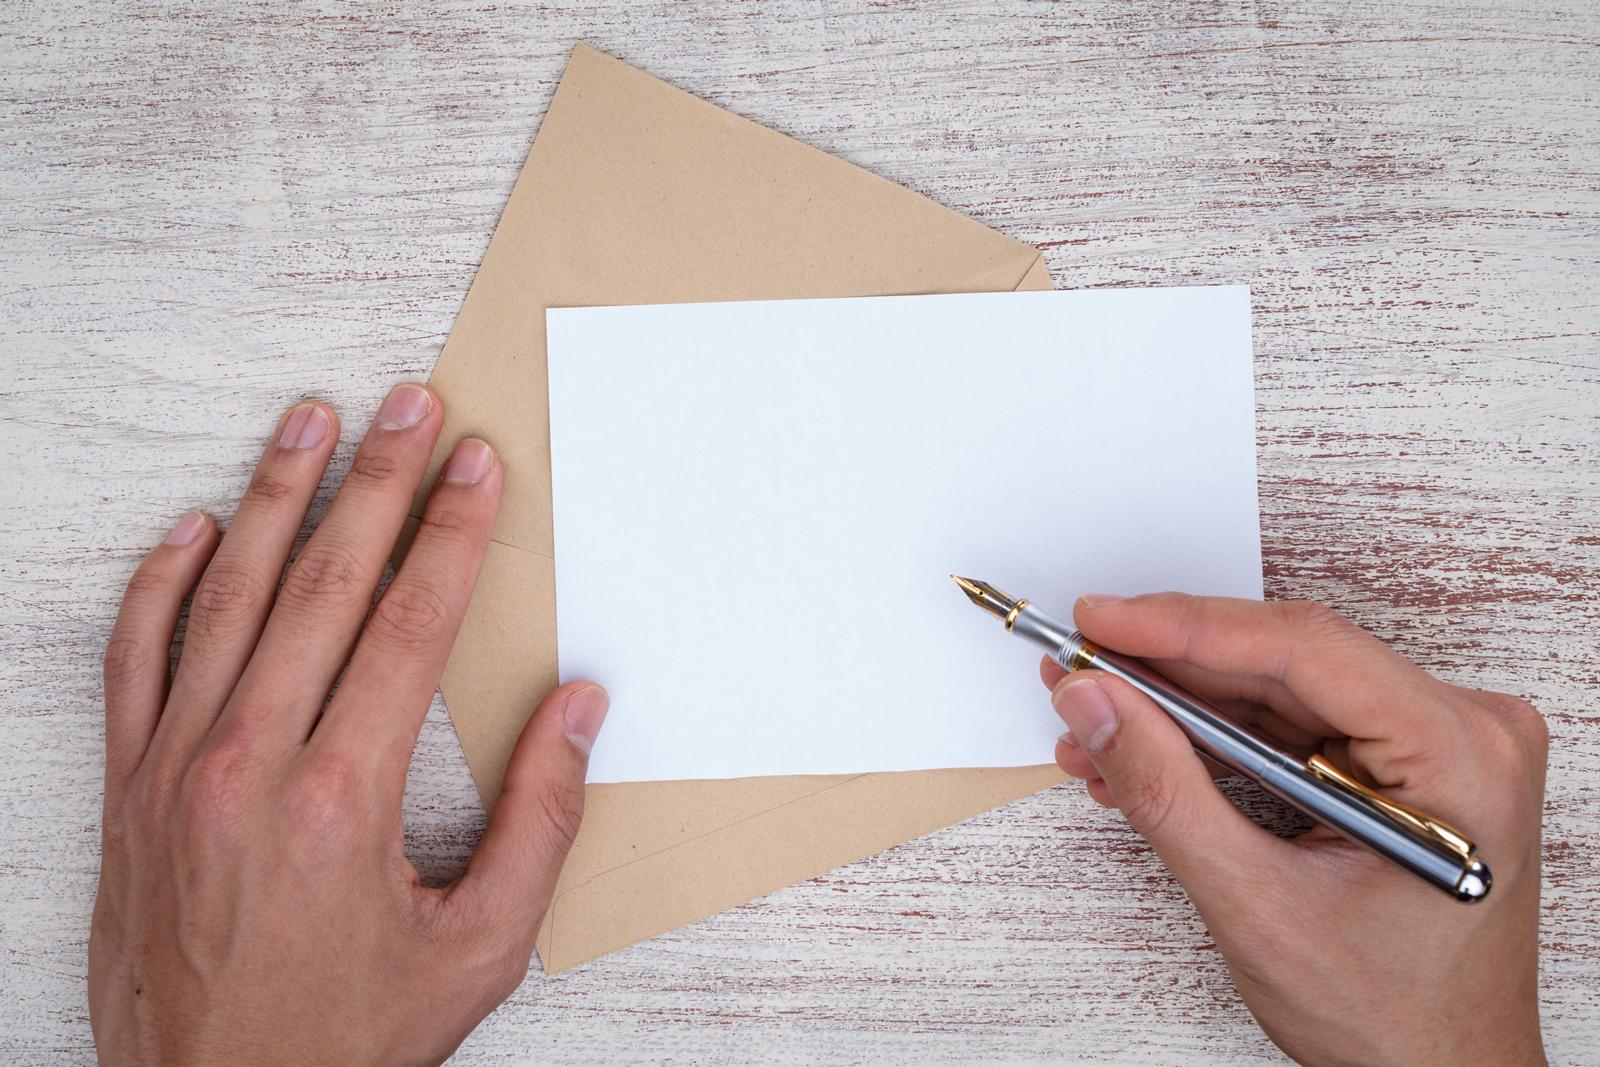 Gerade in Zeiten, in denen wir überwiegend tippen, gewinnt das Schreiben mit der Hand wieder an Bedeutung.